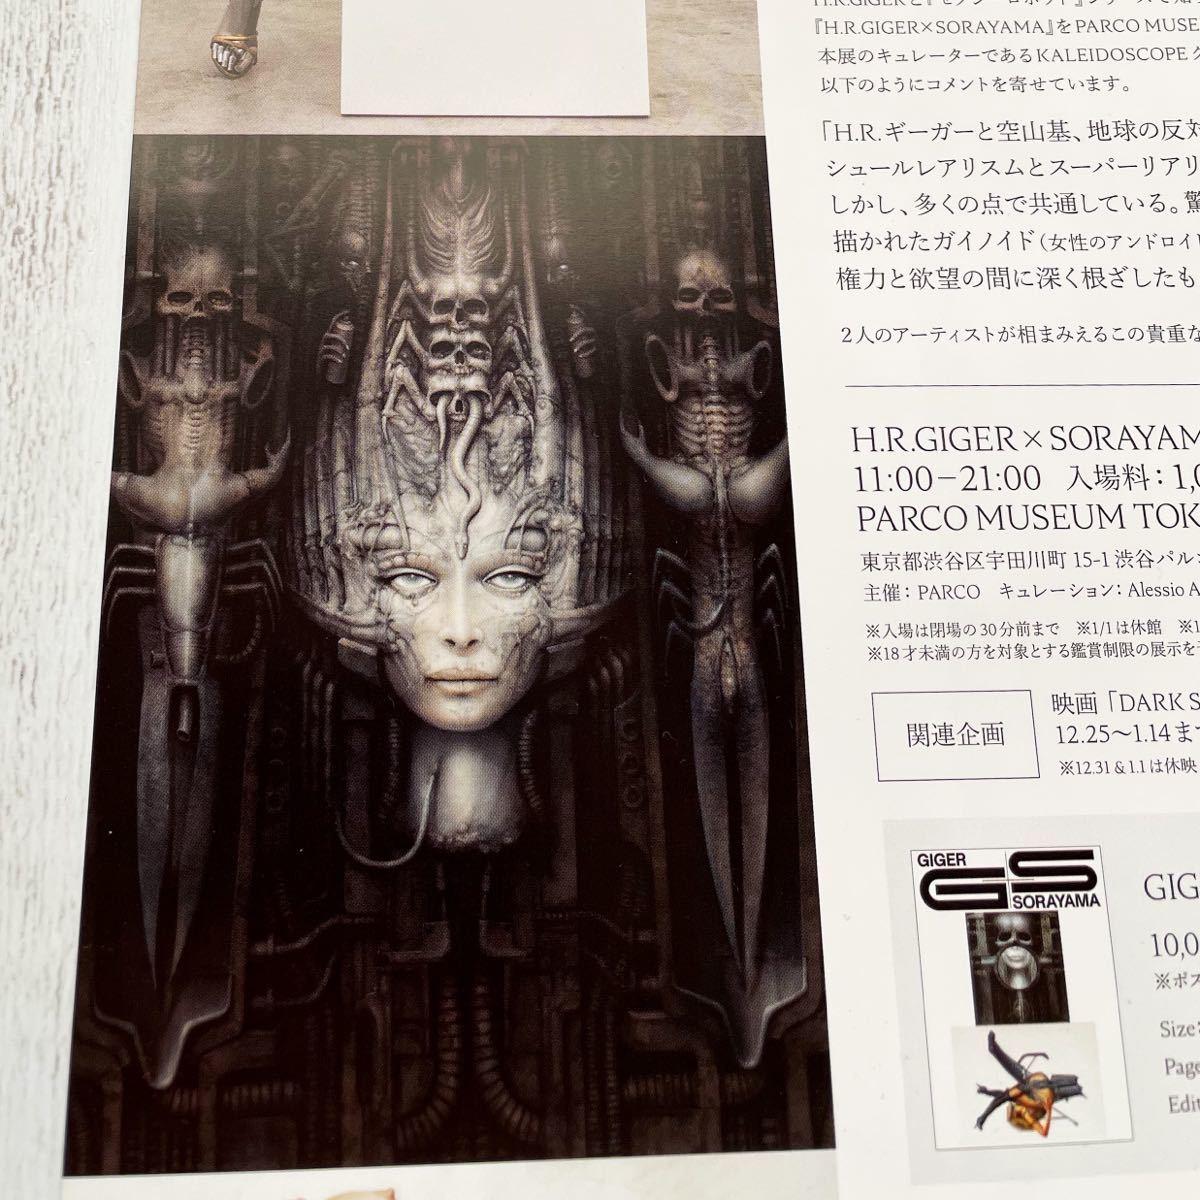 渋谷PARCO Gallery H.R.GIGER ハンス・リューディ・ギーガー × SORAYAMA 空山基 展 エイリアン_画像5